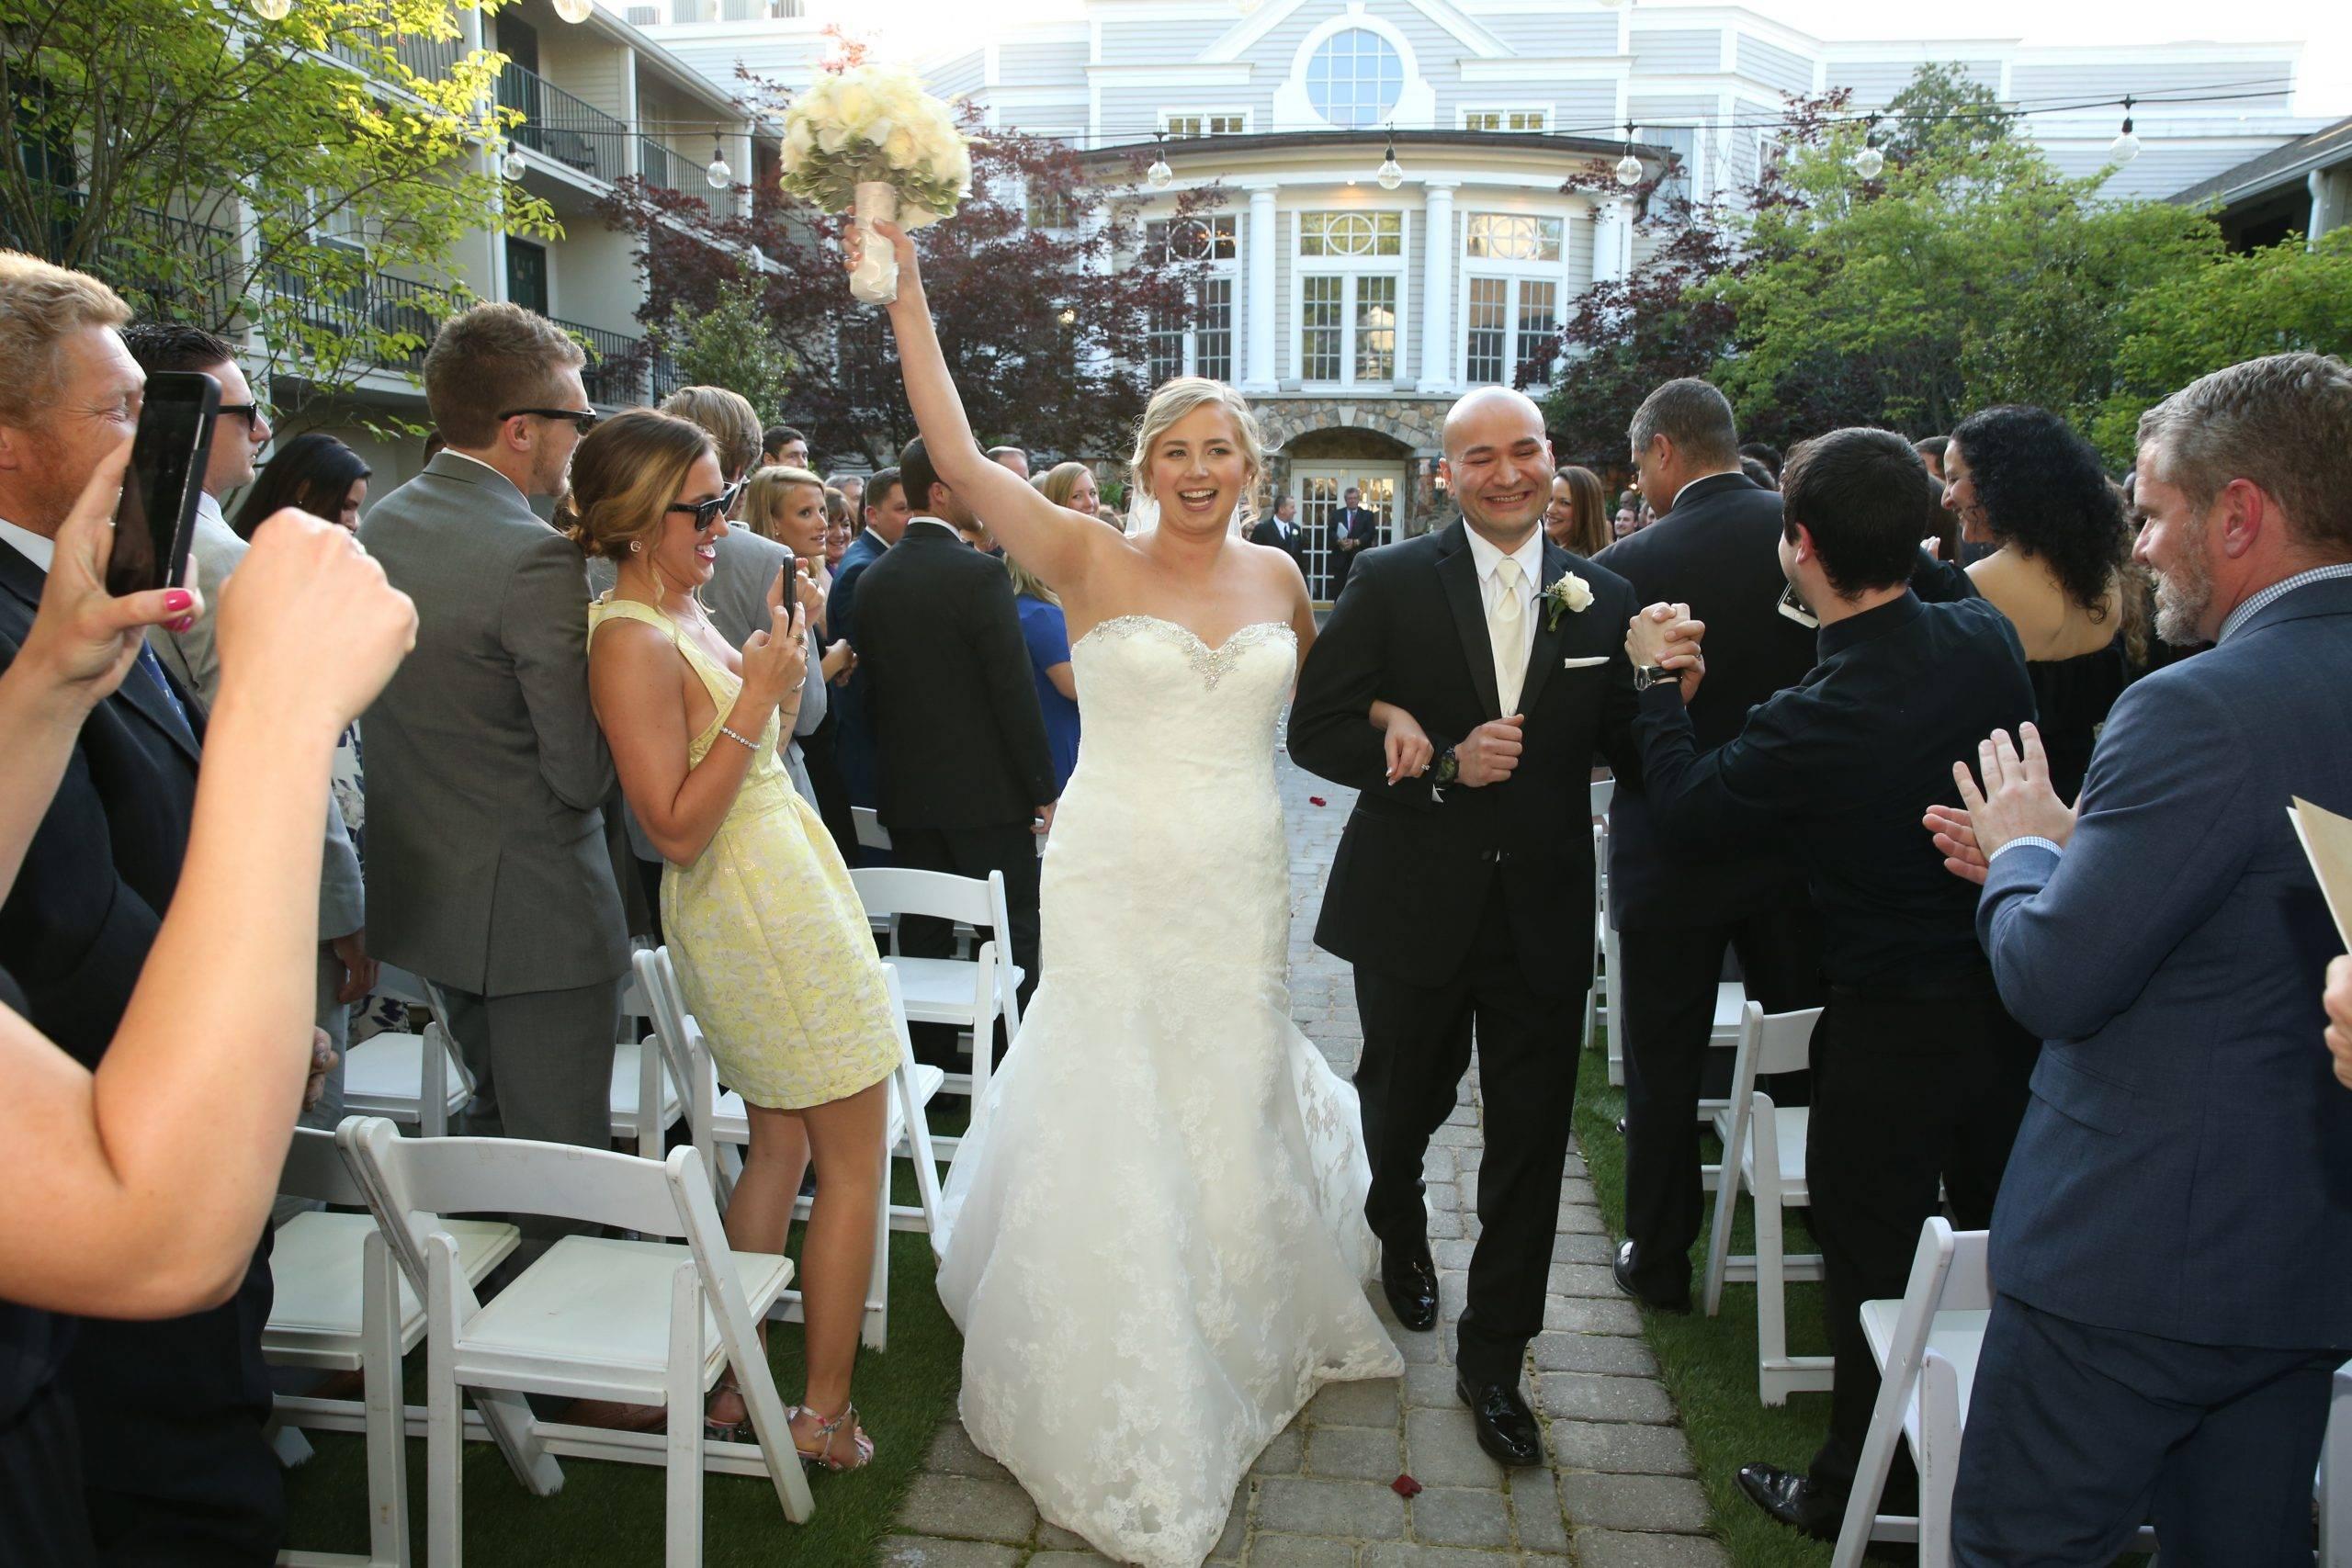 Olde Mill Inn just married